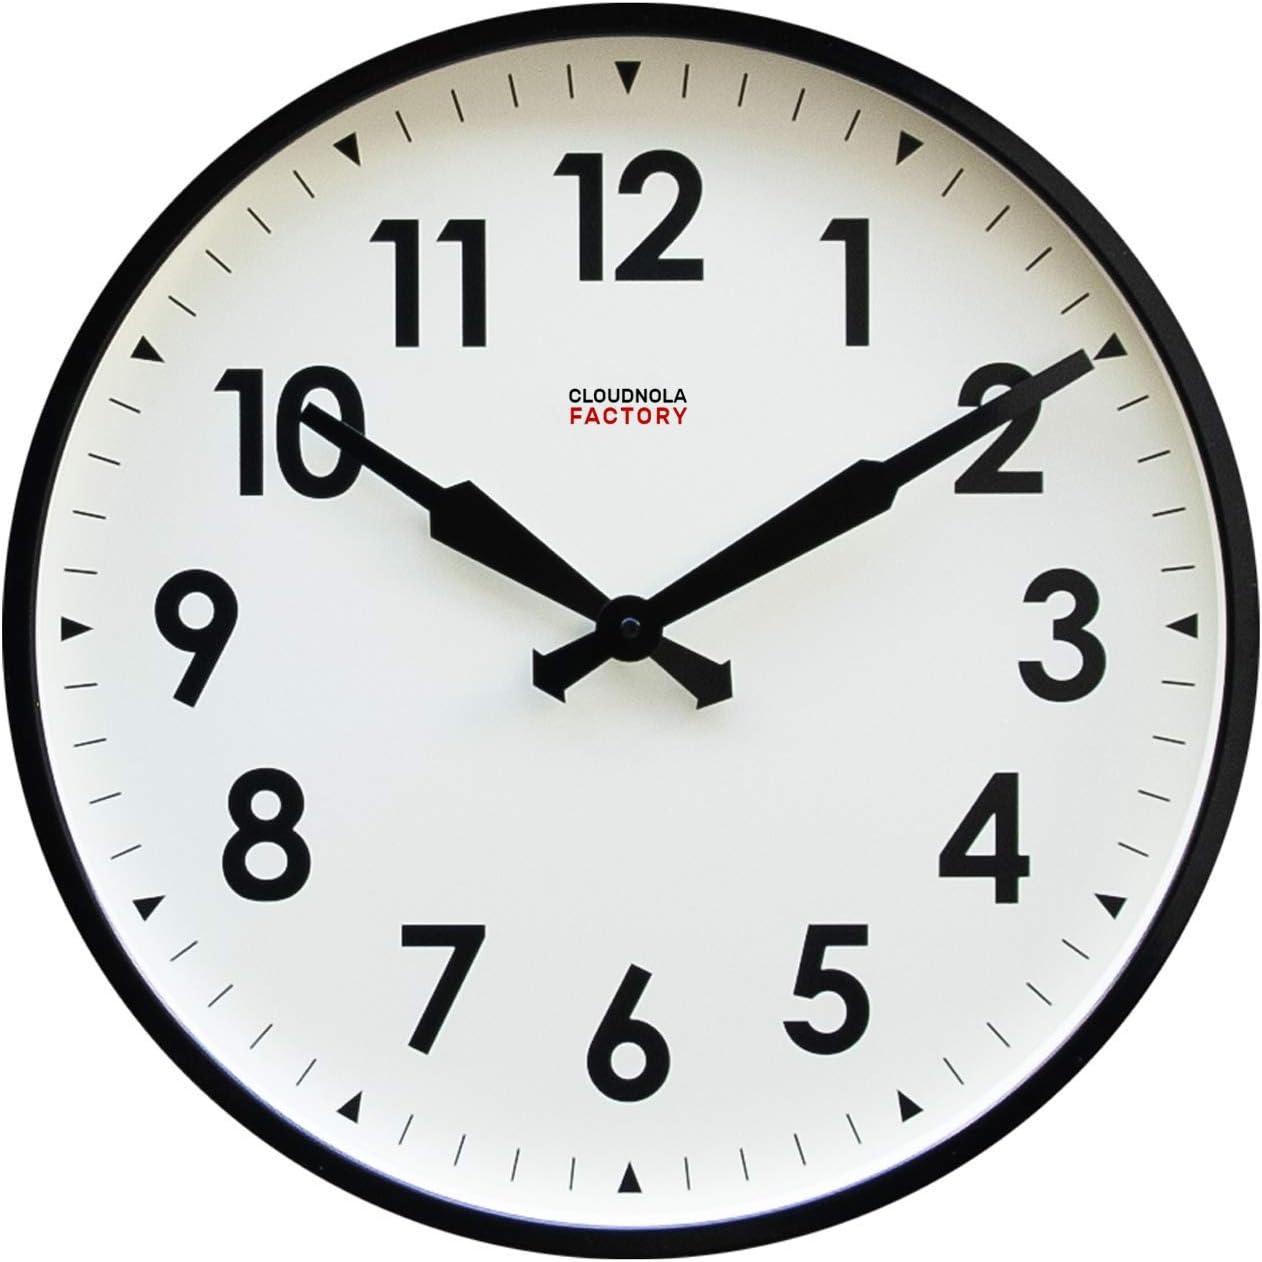 Cloudnola Factory Reloj de Pared Inspirado por los Antiguos Relojes de Fabricas – Metal - Negro y Blanco - 45 cm – Silencioso – Movimiento de Quartz -Pilas - con Numeros